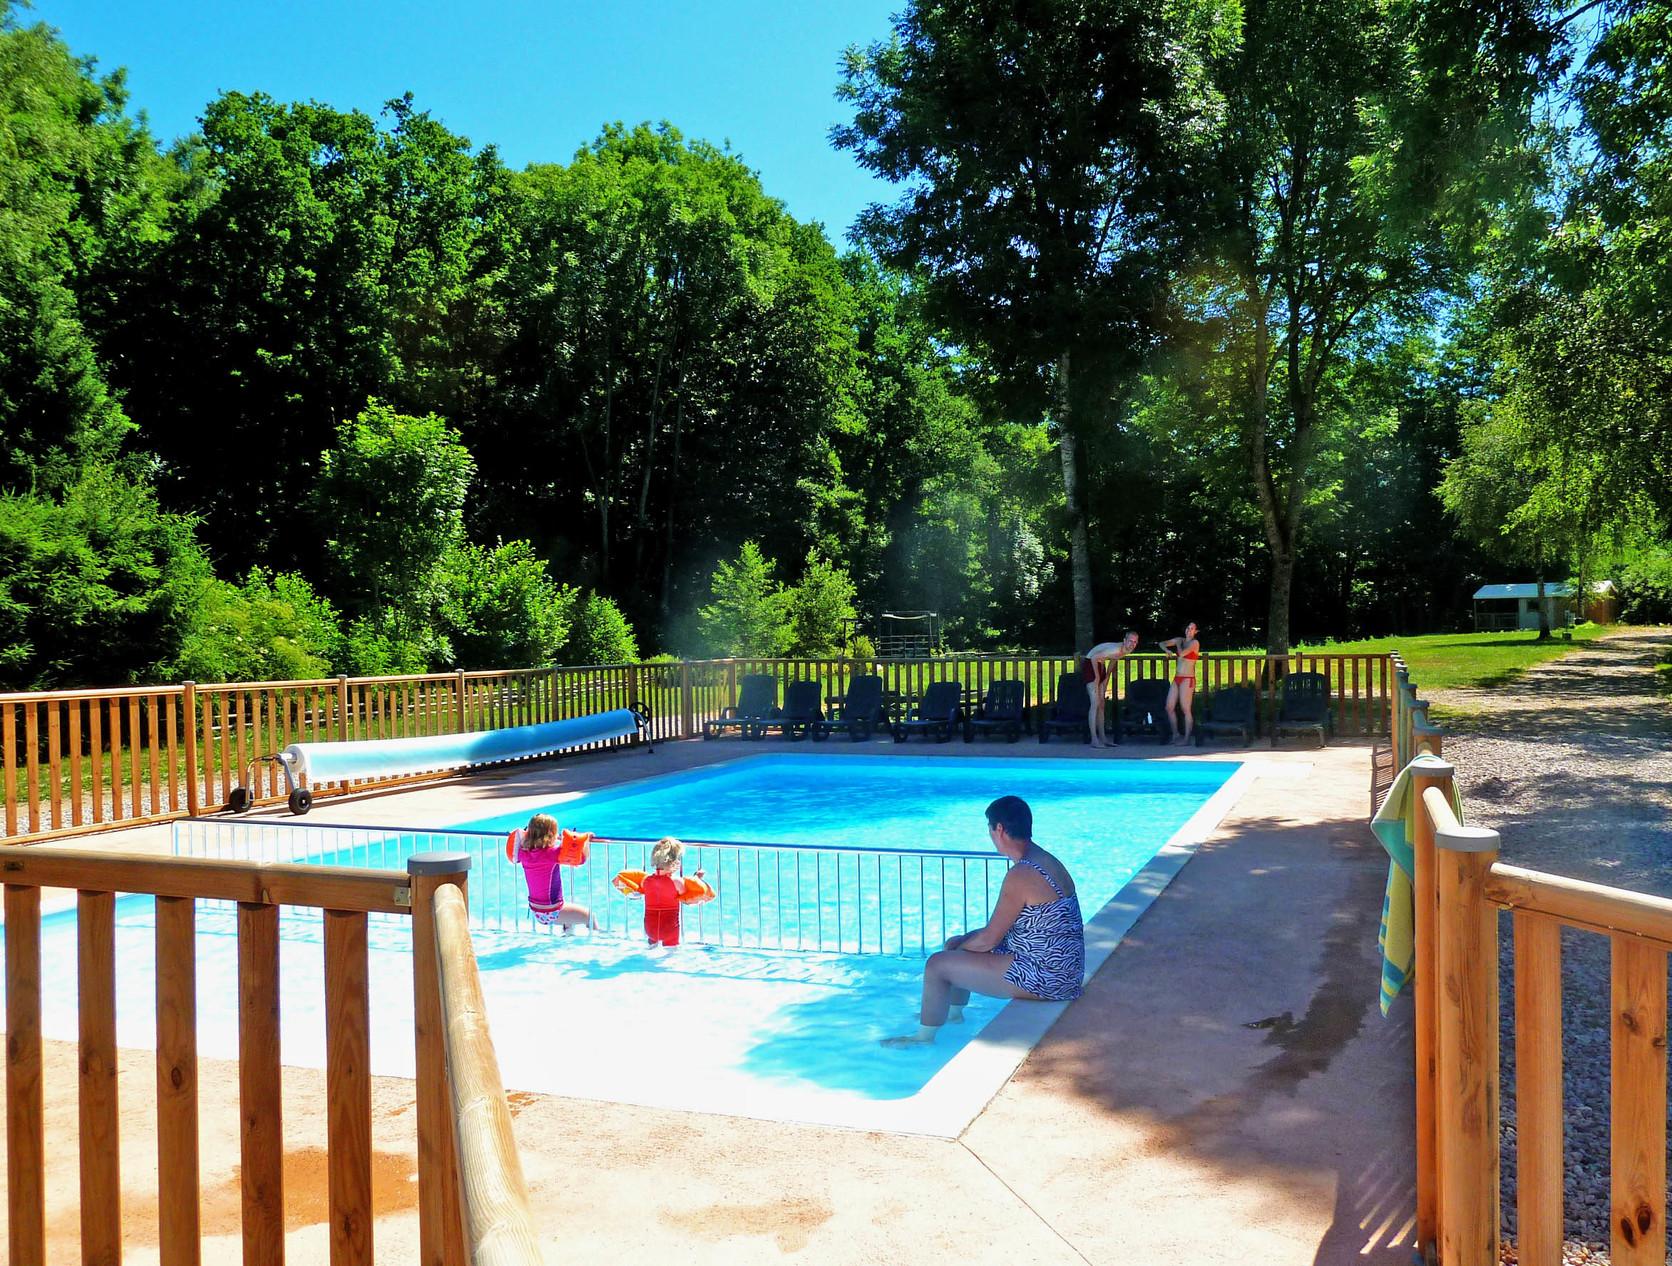 Frankrijk-Corcieux-Camping%20Au%20Mica-ExtraLarge Wintersport Frankrijk|Pagina 4 van 55